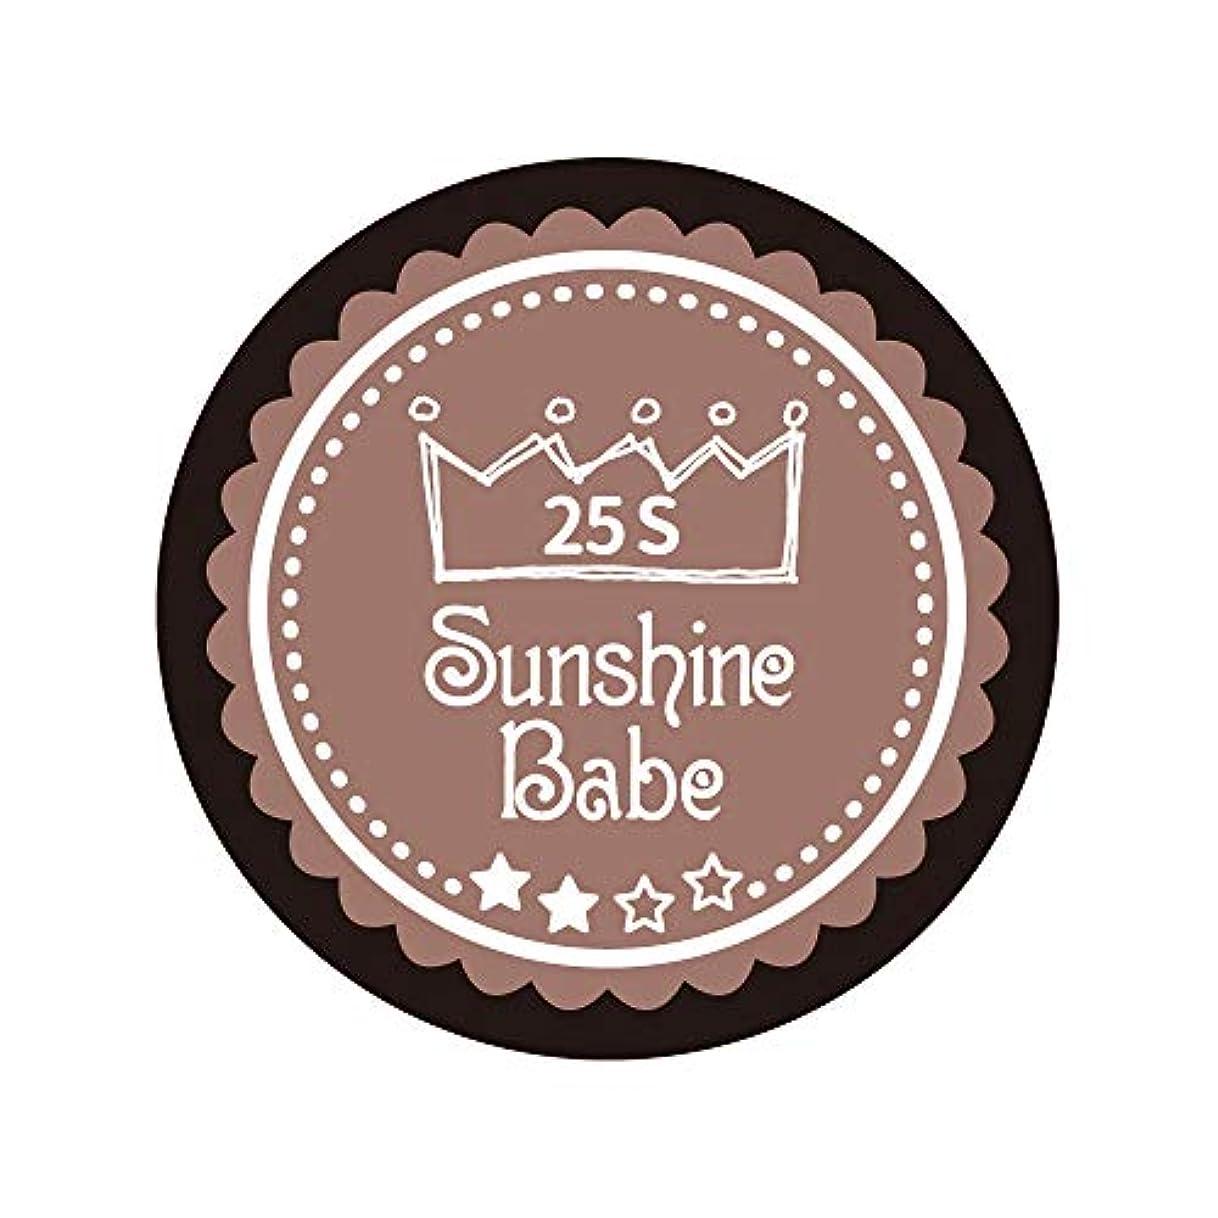 告白するロデオ前文Sunshine Babe コスメティックカラー 25S ミルキーココア 4g UV/LED対応